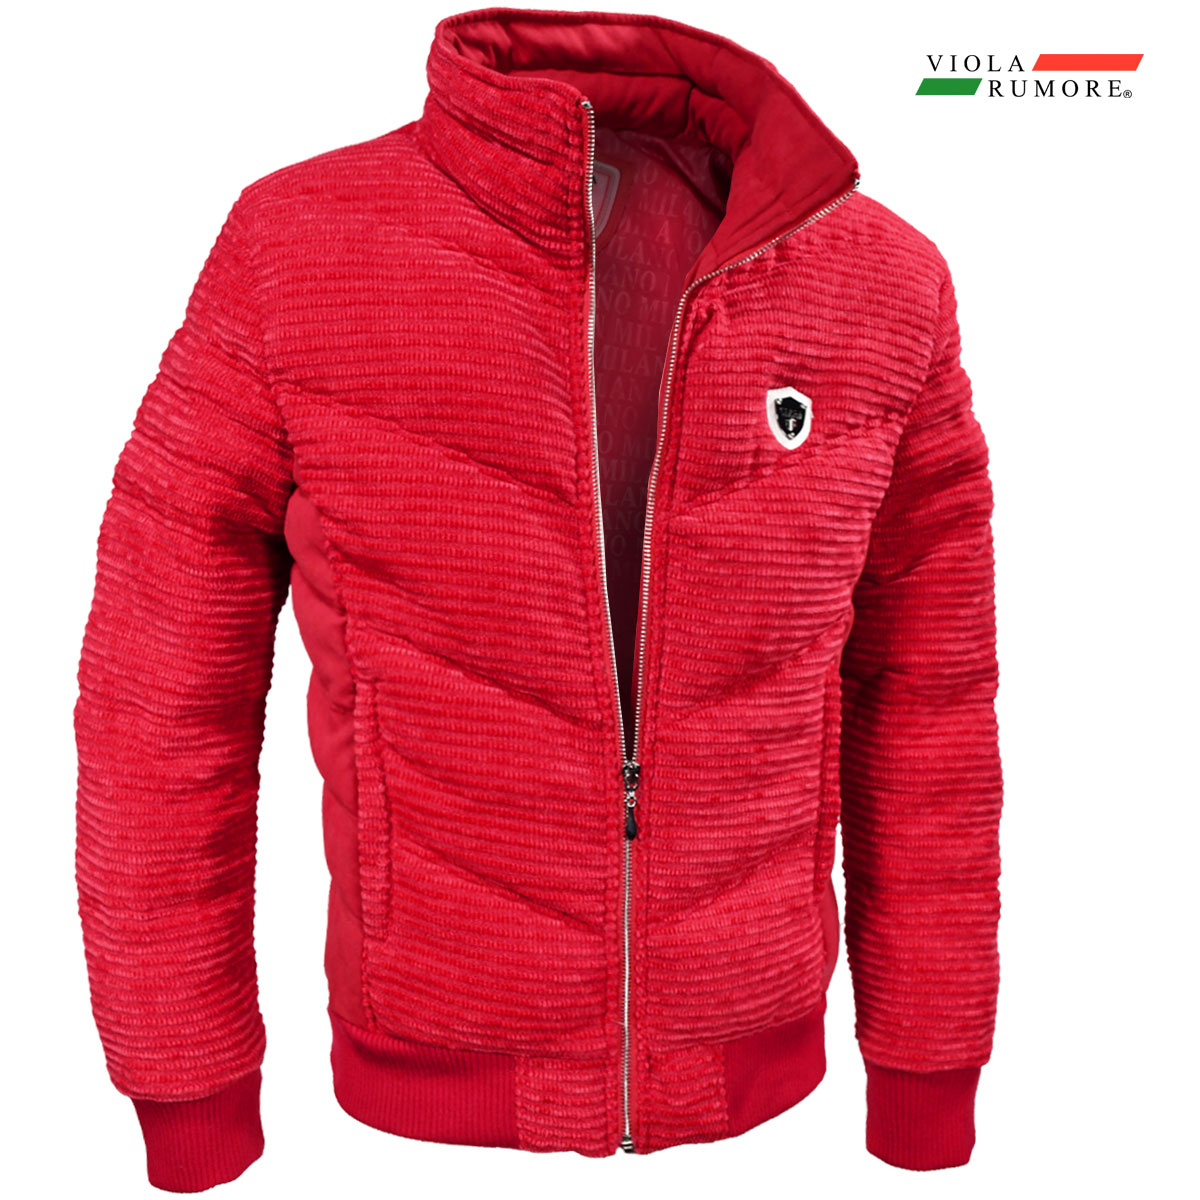 VIOLA rumore ヴィオラ ビオラ 中綿ジャケット モール素材 メンズ 切り替え アウター フルジップジャケット mens(レッド赤)